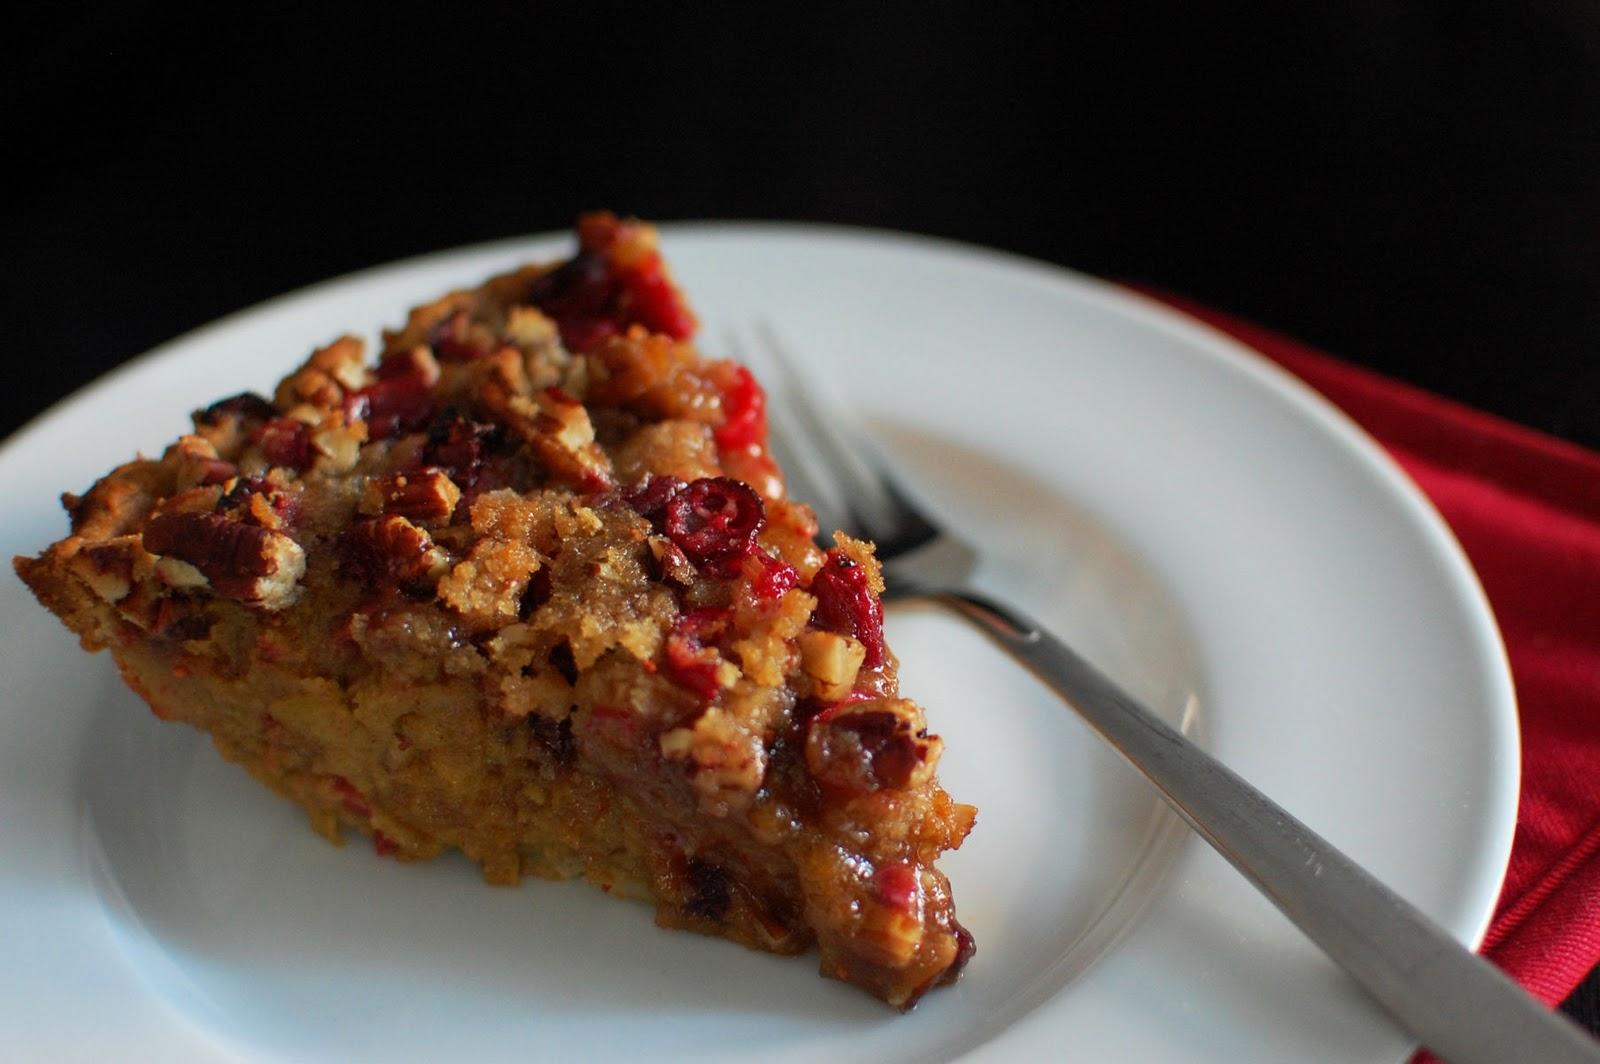 Pumpkin, Cranberry, and Pecan Pie | Beantown Baker